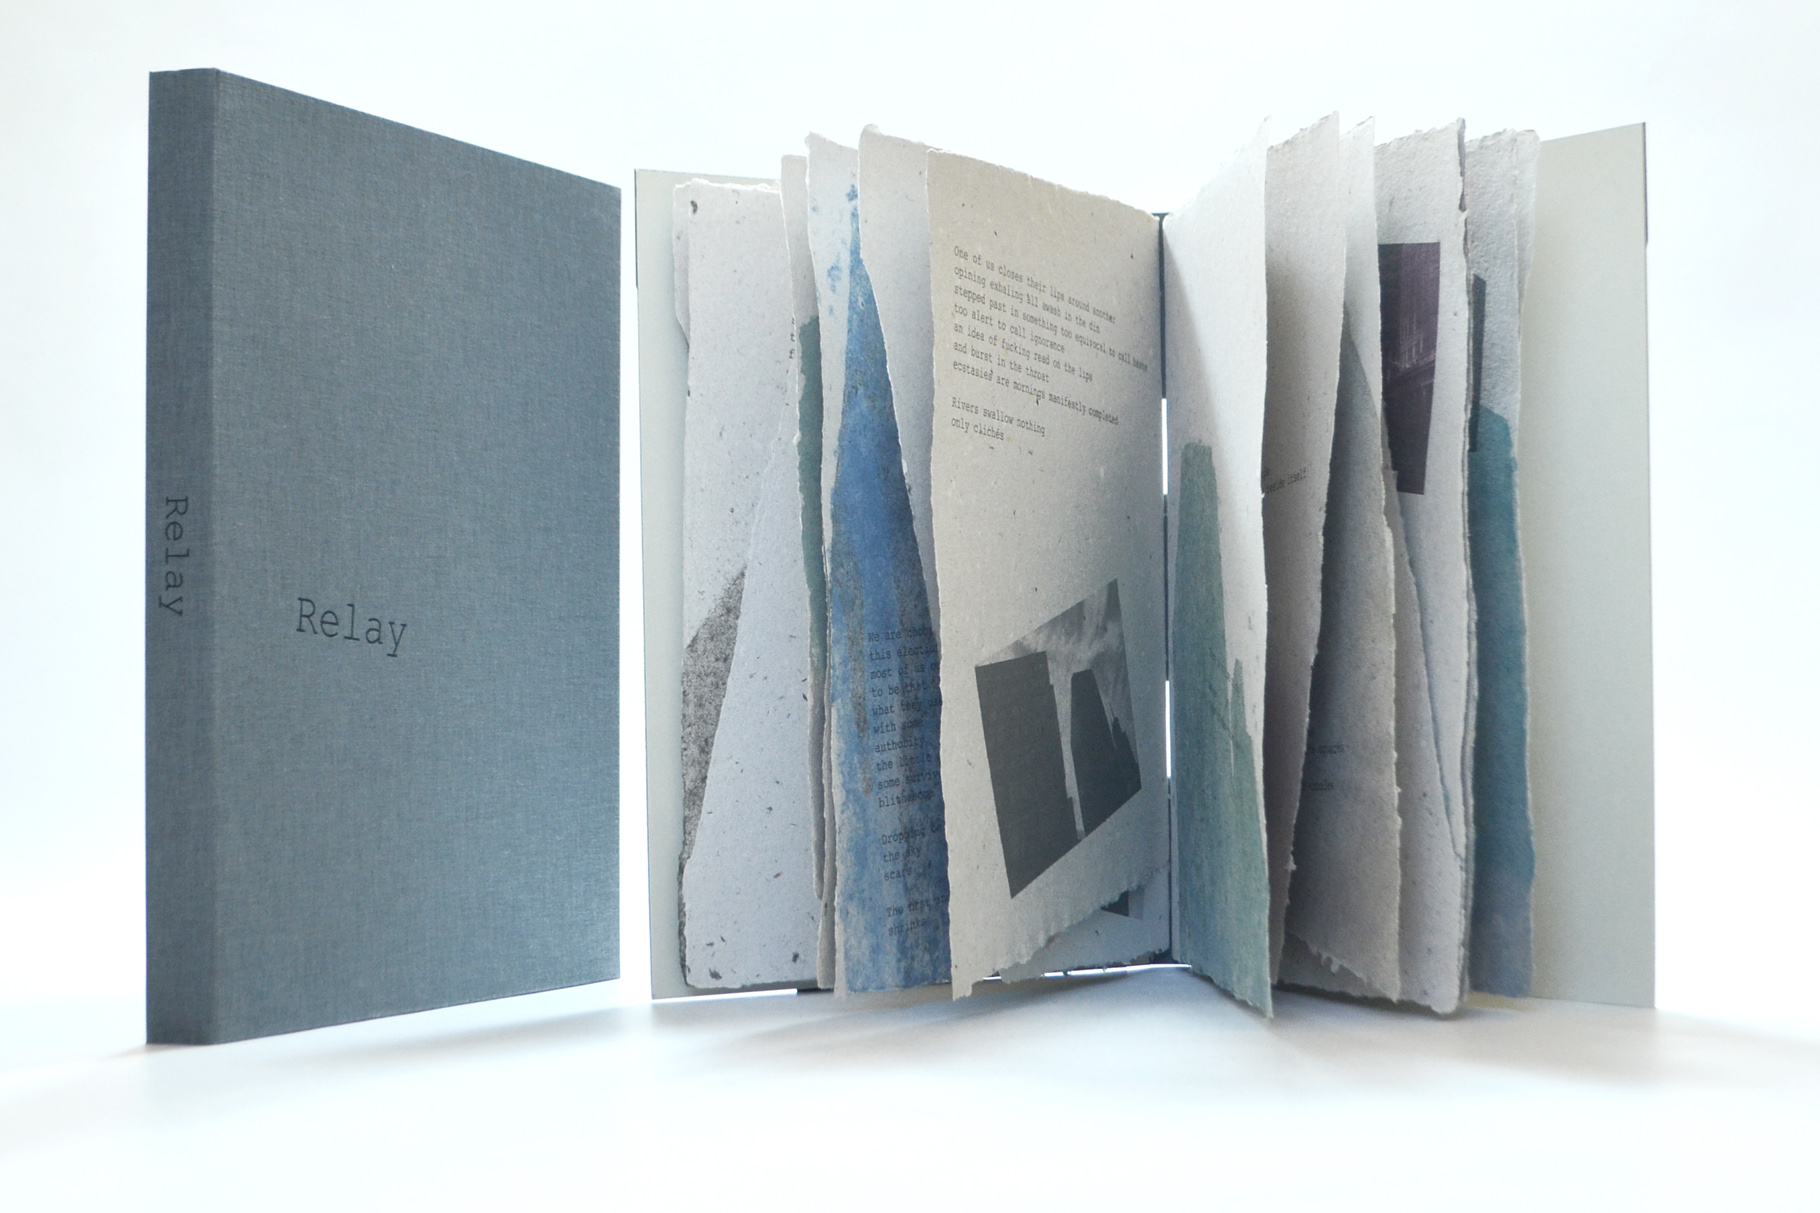 """""""Relay"""" (2008) - Ein Künstlerbuch von John Gerard mit einem Gedichtzyklus von Patrick F. Durgin (Erstdruck)"""